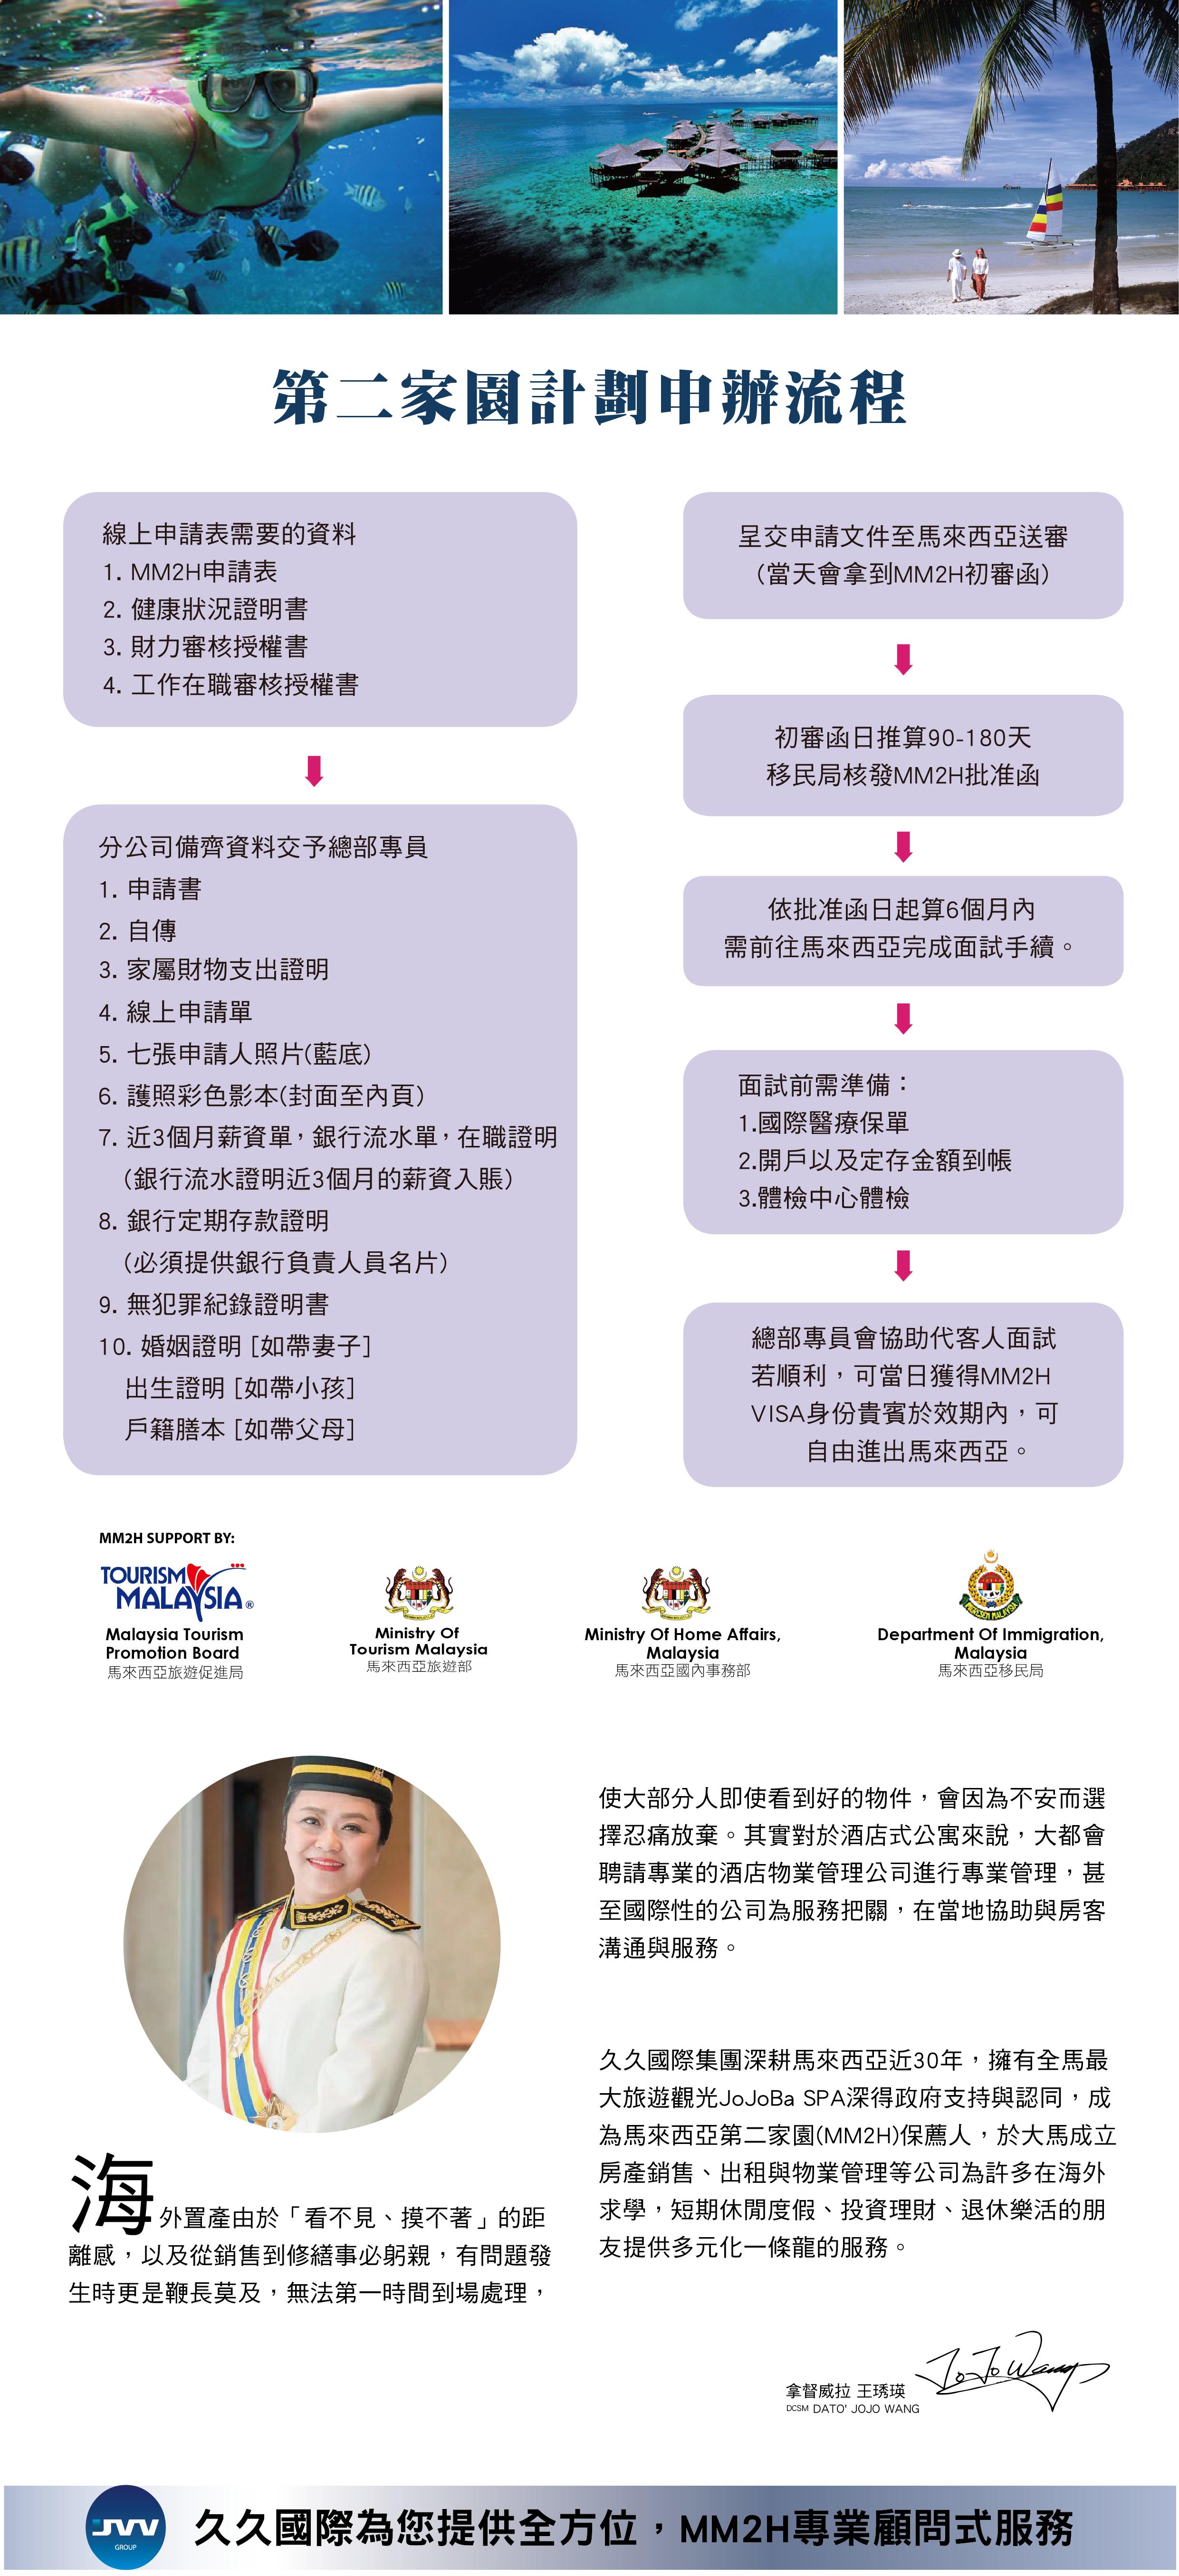 JVV台灣官網-MM2H申請流程-D